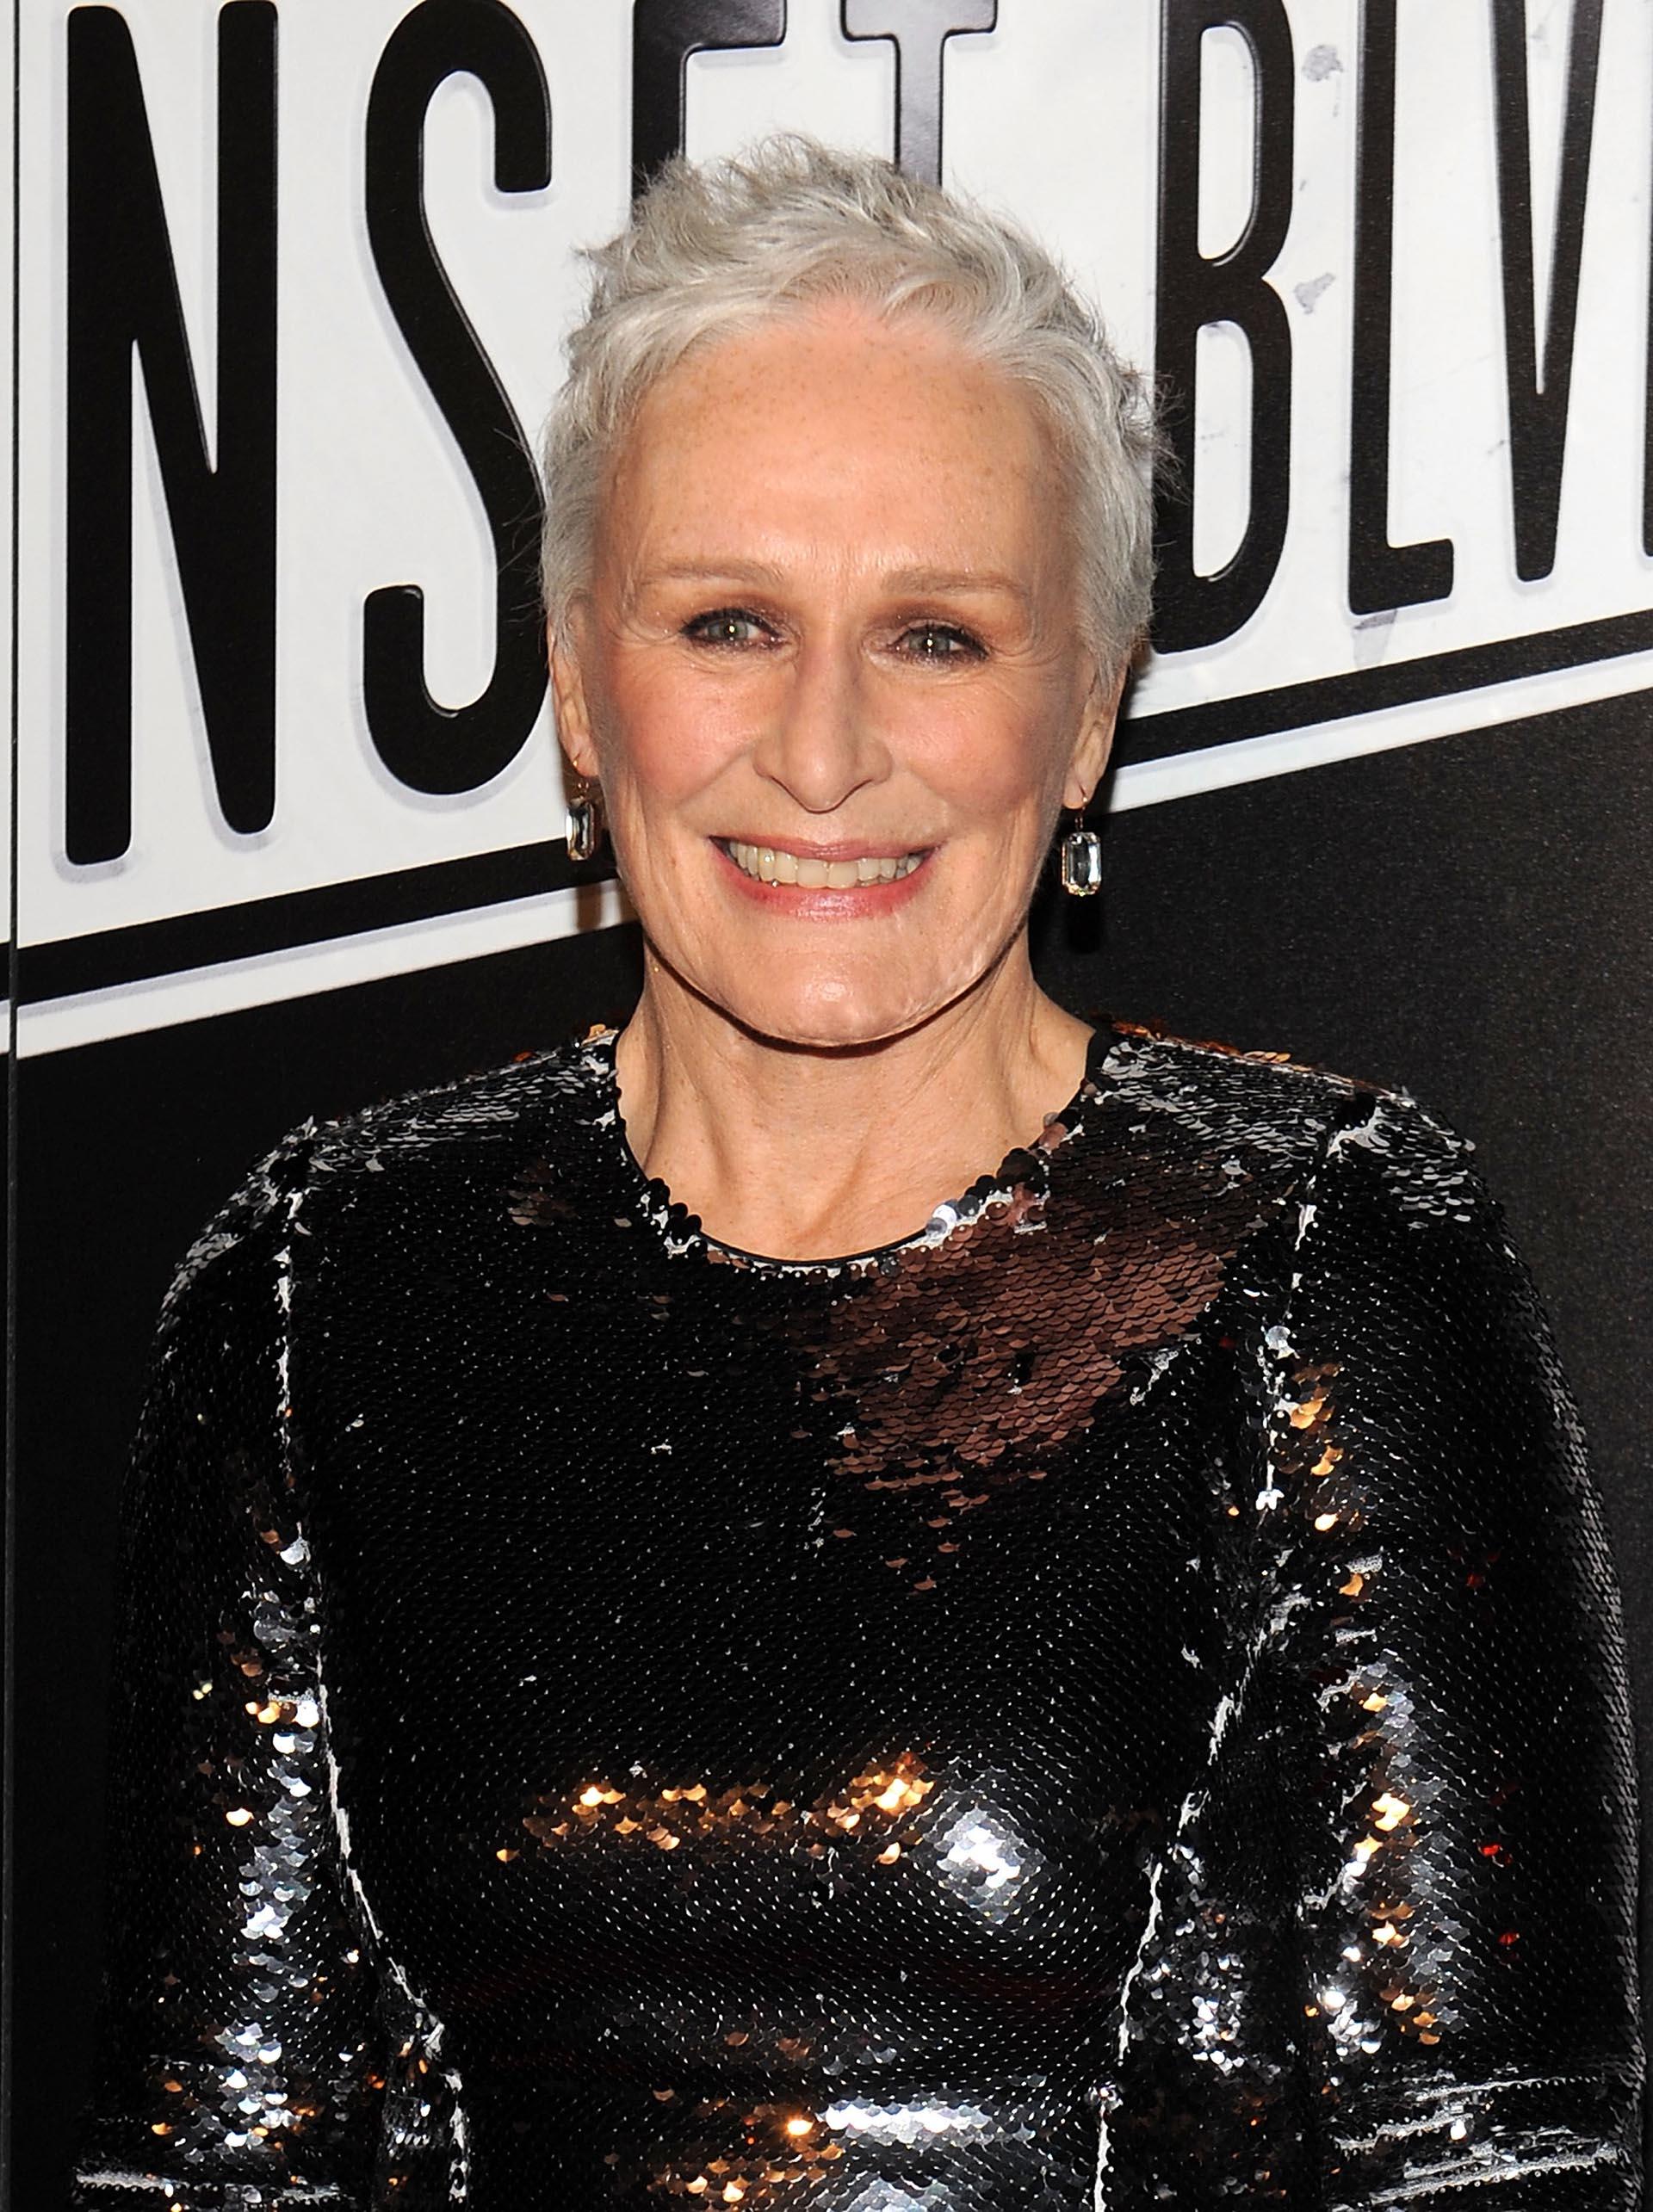 A punto de cumplir 70 años, la actriz se muestra con poco maquillaje y el cabello corto sin tintura